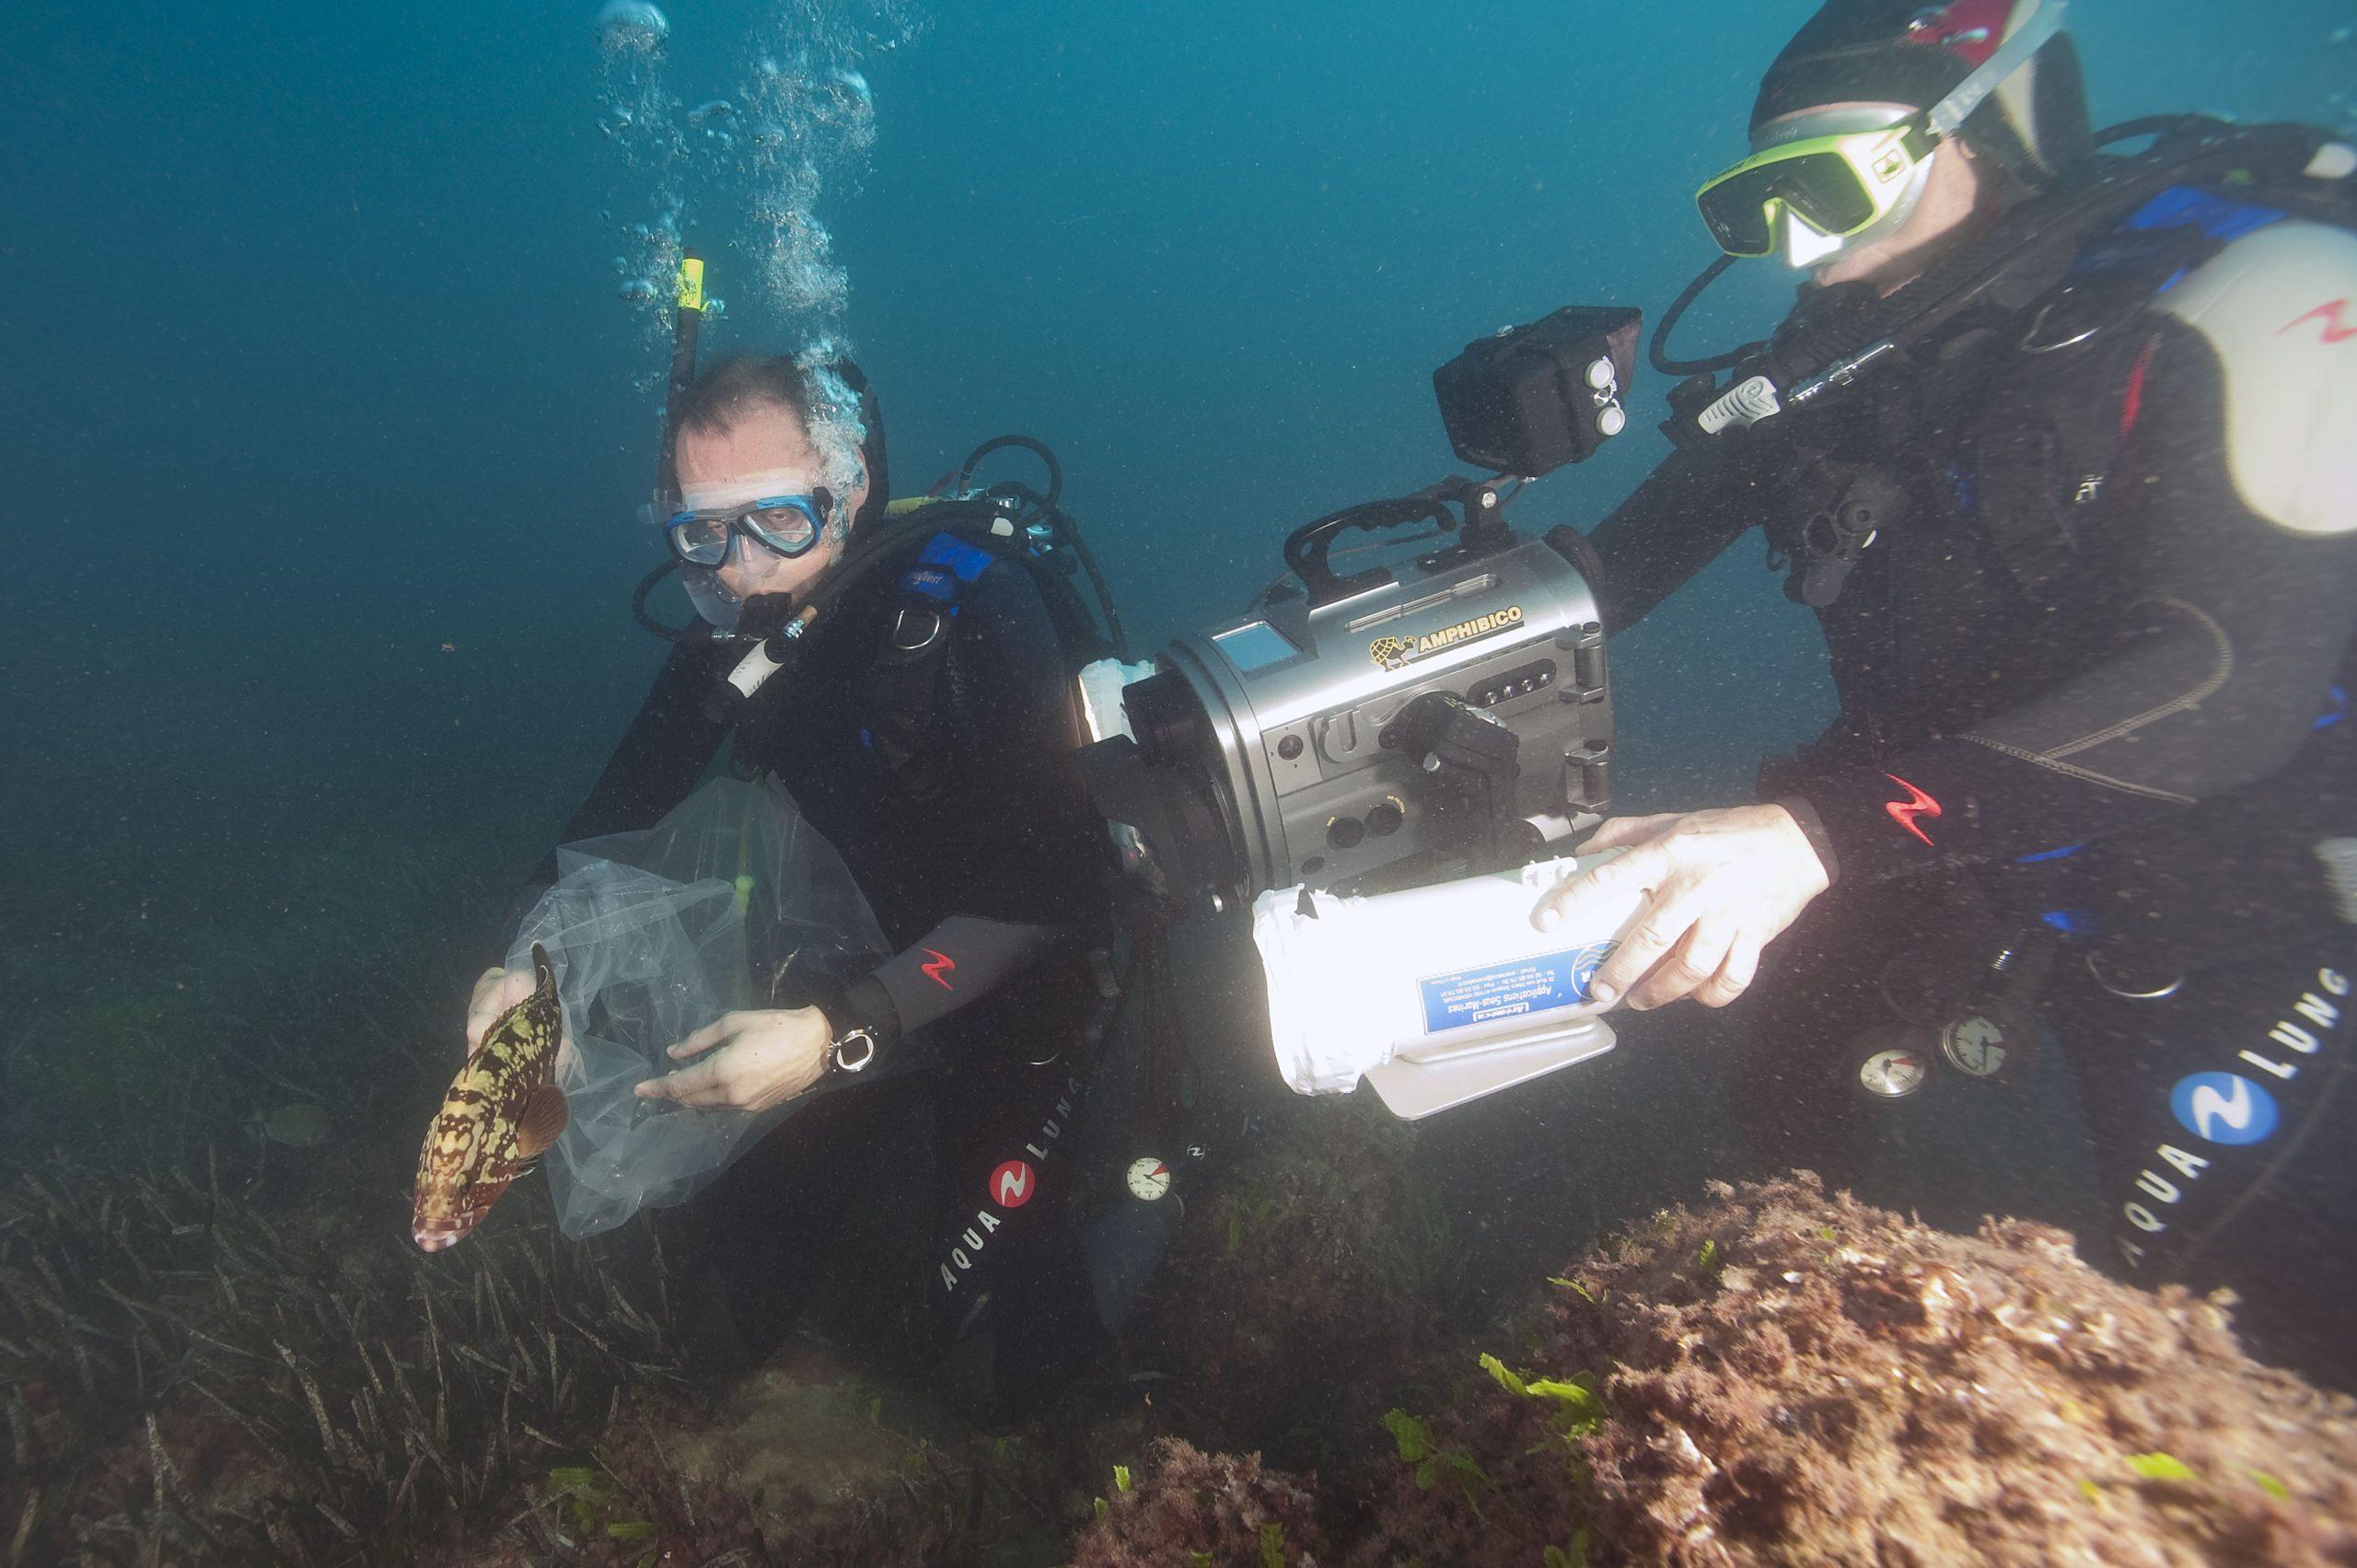 En juillet 2011, le MusŽe ocŽanographique de Monaco accueillait un tout jeune mŽrou brun (Epinephelus marginatus) capturŽ en Italie, et jusquÕalors hŽbergŽ par un particulier. Devant vider son aquarium et ne sachant que faire du mŽrou, son propriŽtaire a proposŽ de le donner ˆ notre aquarium.  Ds son arrivŽe, Enzo (du nom de son ancien propriŽtaire italien) a ŽtŽ placŽ dans un bac de 400 litres en zone dÕacclimatation pour y tre observŽ. Aux petits soins, nourri tous les deux jours de crevettes roses et dÕanchoisÉ Enzo a ŽvoluŽ ces derniers mois dans un environnement trs favorable, fait de dŽcor rocheux et de nombreuses cachettes pour se rŽfugier.  Enzo remis ˆ lÕeau dans la rŽserve sous-marine du Larvotto AujourdÕhui, Enzo mesure environ 30 cm, cÕest une femelle et lՎquipe des soigneurs estime son ‰ge ˆ 4/ 5 ans. LÕheure est venue pour elle de retrouver son milieu naturel et la rŽserve du Larvotto est pour cela un endroit idŽal. Cette zone riche en abris et cachettes lui offrira de la nourriture en abondance et elle y rejoindra une population de mŽrous dŽjˆ bien prŽsente, comme le montrent les comptages rŽguliers rŽalisŽs par lÕassociation franaise GEM - Groupe dÕEtudes du MŽrou.  Cette opŽration est rŽalisŽe en partenariat avecÊ: la Direction de lÕEnvironnement du Gouvernement Princier, lÕAssociation MonŽgasque pour la Protection de la Nature AMPN, ainsi quÕavec le concours des Affaires Maritimes et de la Police Maritime de Monaco. Le retour ˆ la mer de Enzo sera lÕoccasion de faire le point sur les actions mises en Ïuvre en PrincipautŽ pour la sauvegarde de cette espce protŽgŽe aujourdÕhui de nouveau prŽsente en nombre sur nos c™tes, gr‰ce ˆ la mobilisation gŽnŽrale.  Une rŽserve sous-marine en milieu urbain ˆ Monaco La rŽserve sous-marine du Larvotto a ŽtŽ amŽnagŽe en 1976 ˆ l'initiative de S.A.S le Prince Rainier III de Monaco. De forme trapŽzo•dale, elle occupe 50 ha environ et s'Žtage jusquՈ 40 m de profondeur. Un remarquable herbier de Posidonie (Posi